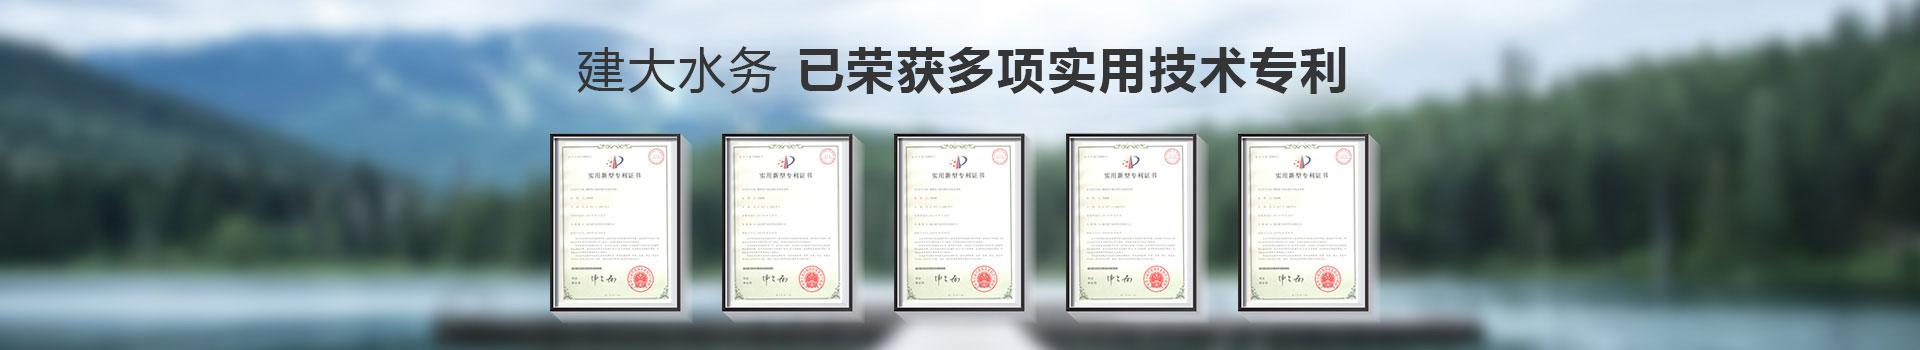 建大水务已荣获20余项实用技术专利